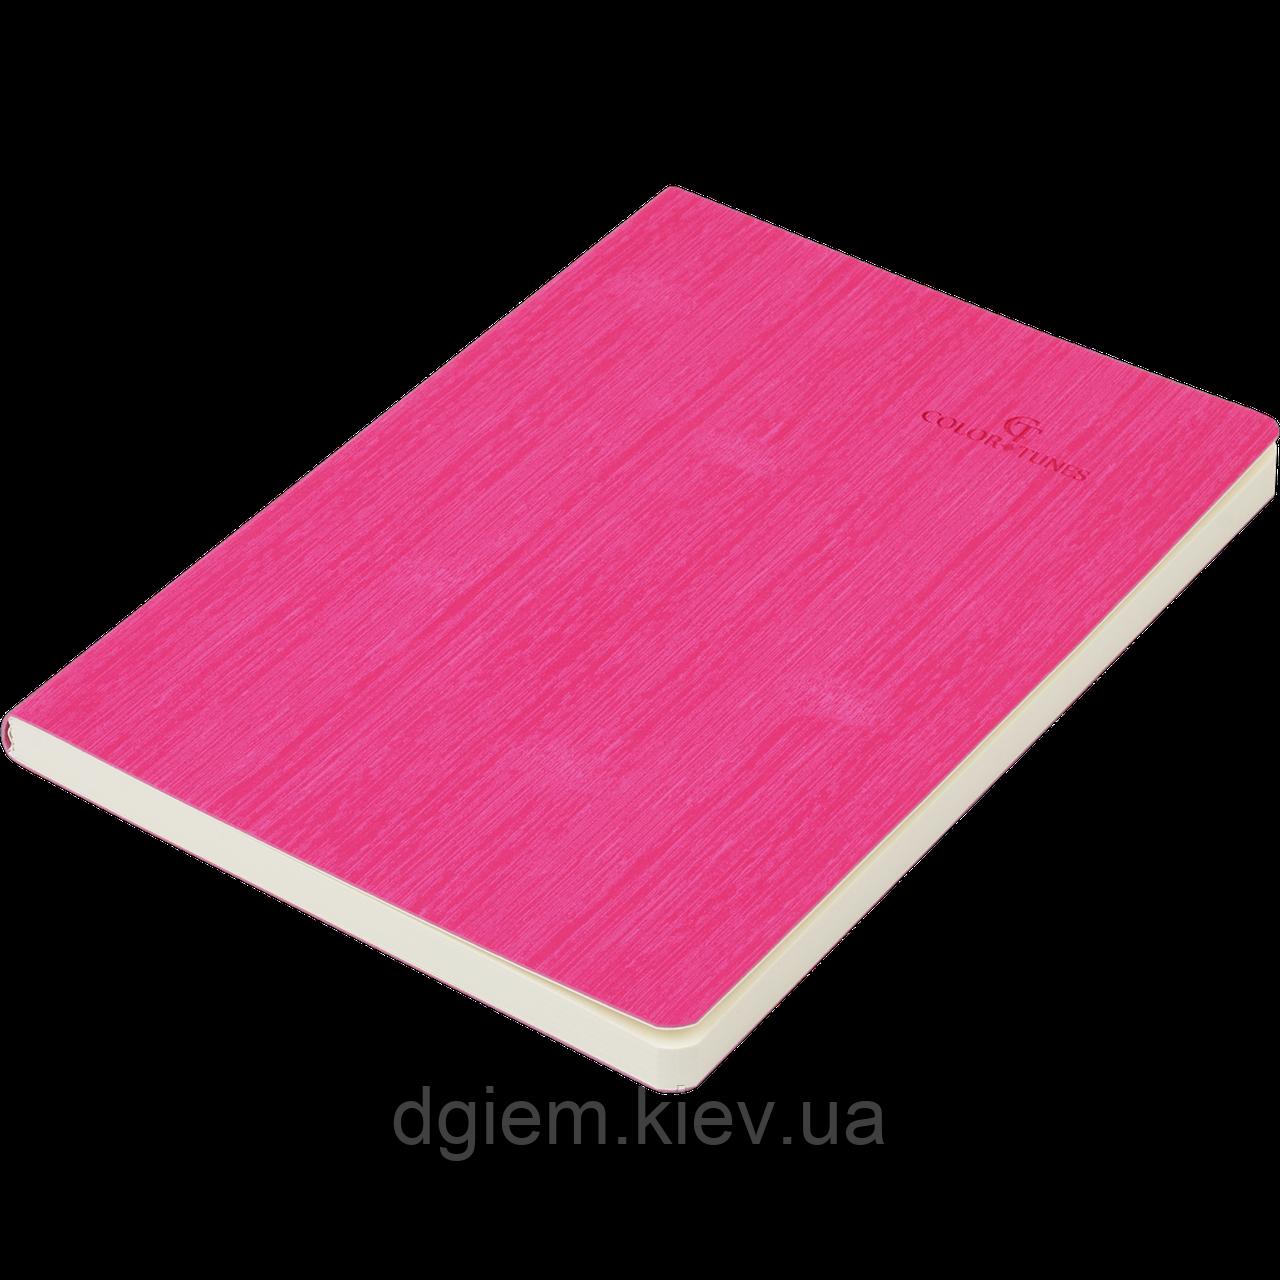 Блокнот деловой COLOR TUNES А5 96л. чистый, иск. кожа, розовый